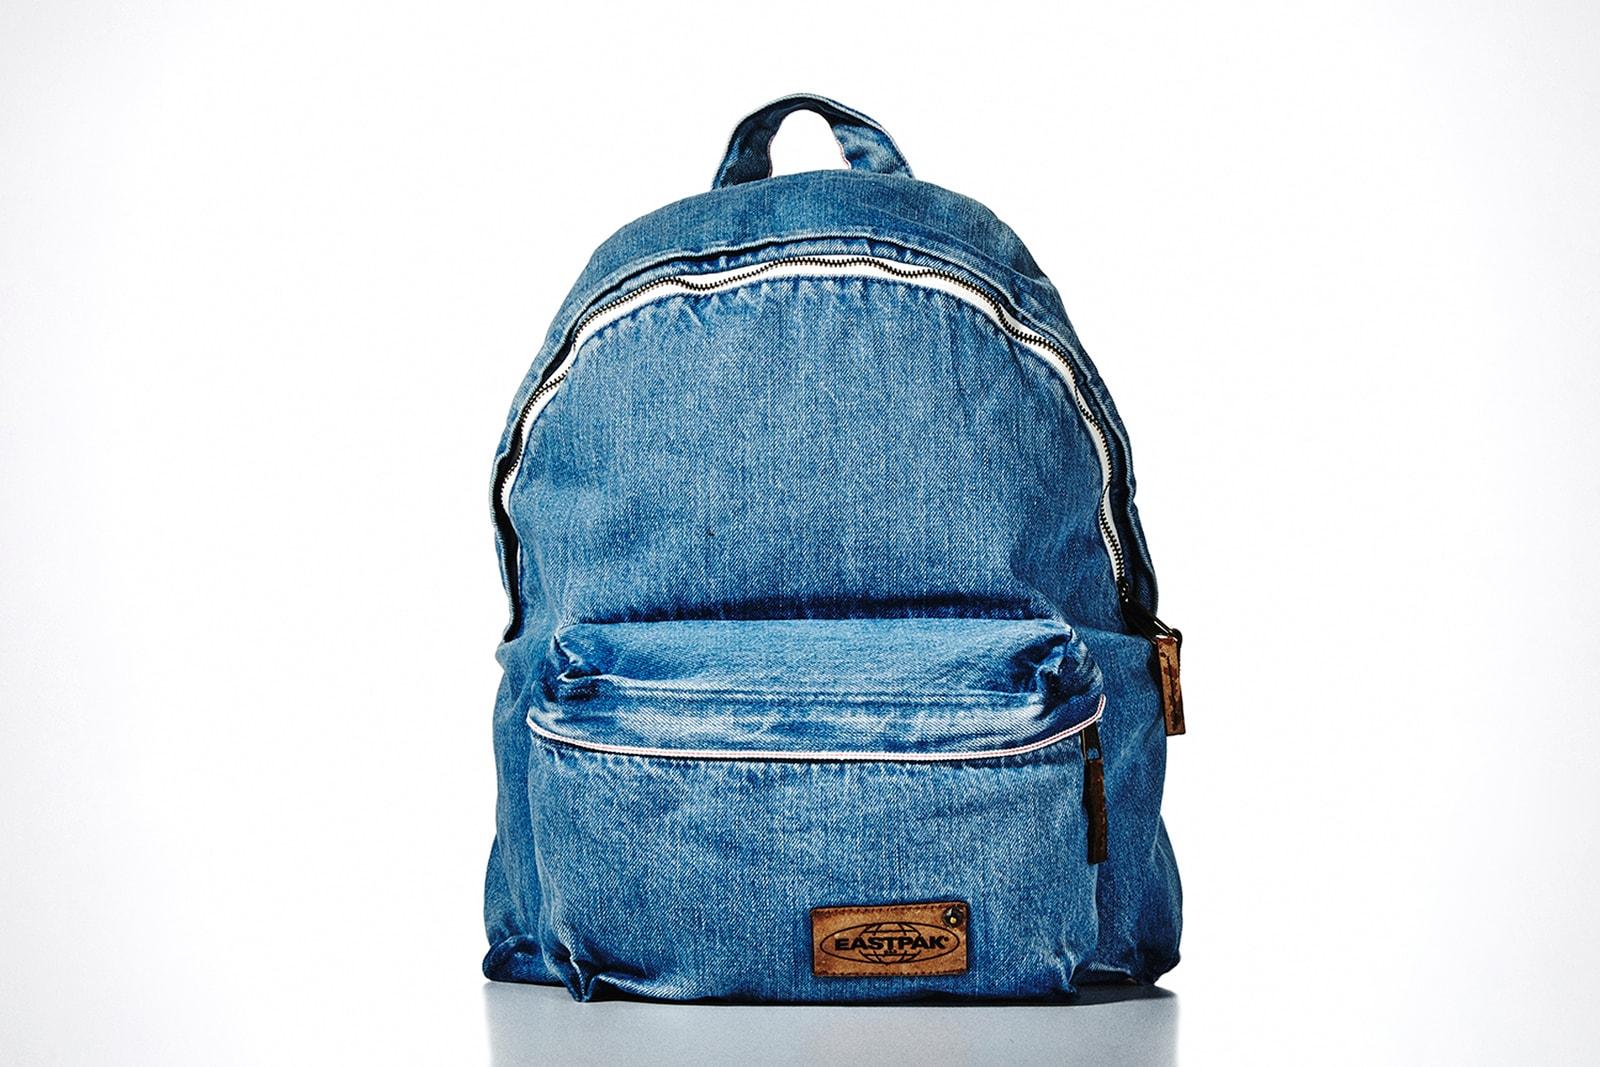 opgehaald Super korting nieuw aangekomen The Eastpak Padded Pak'r Backpack Turns 40 This Year | HYPEBEAST